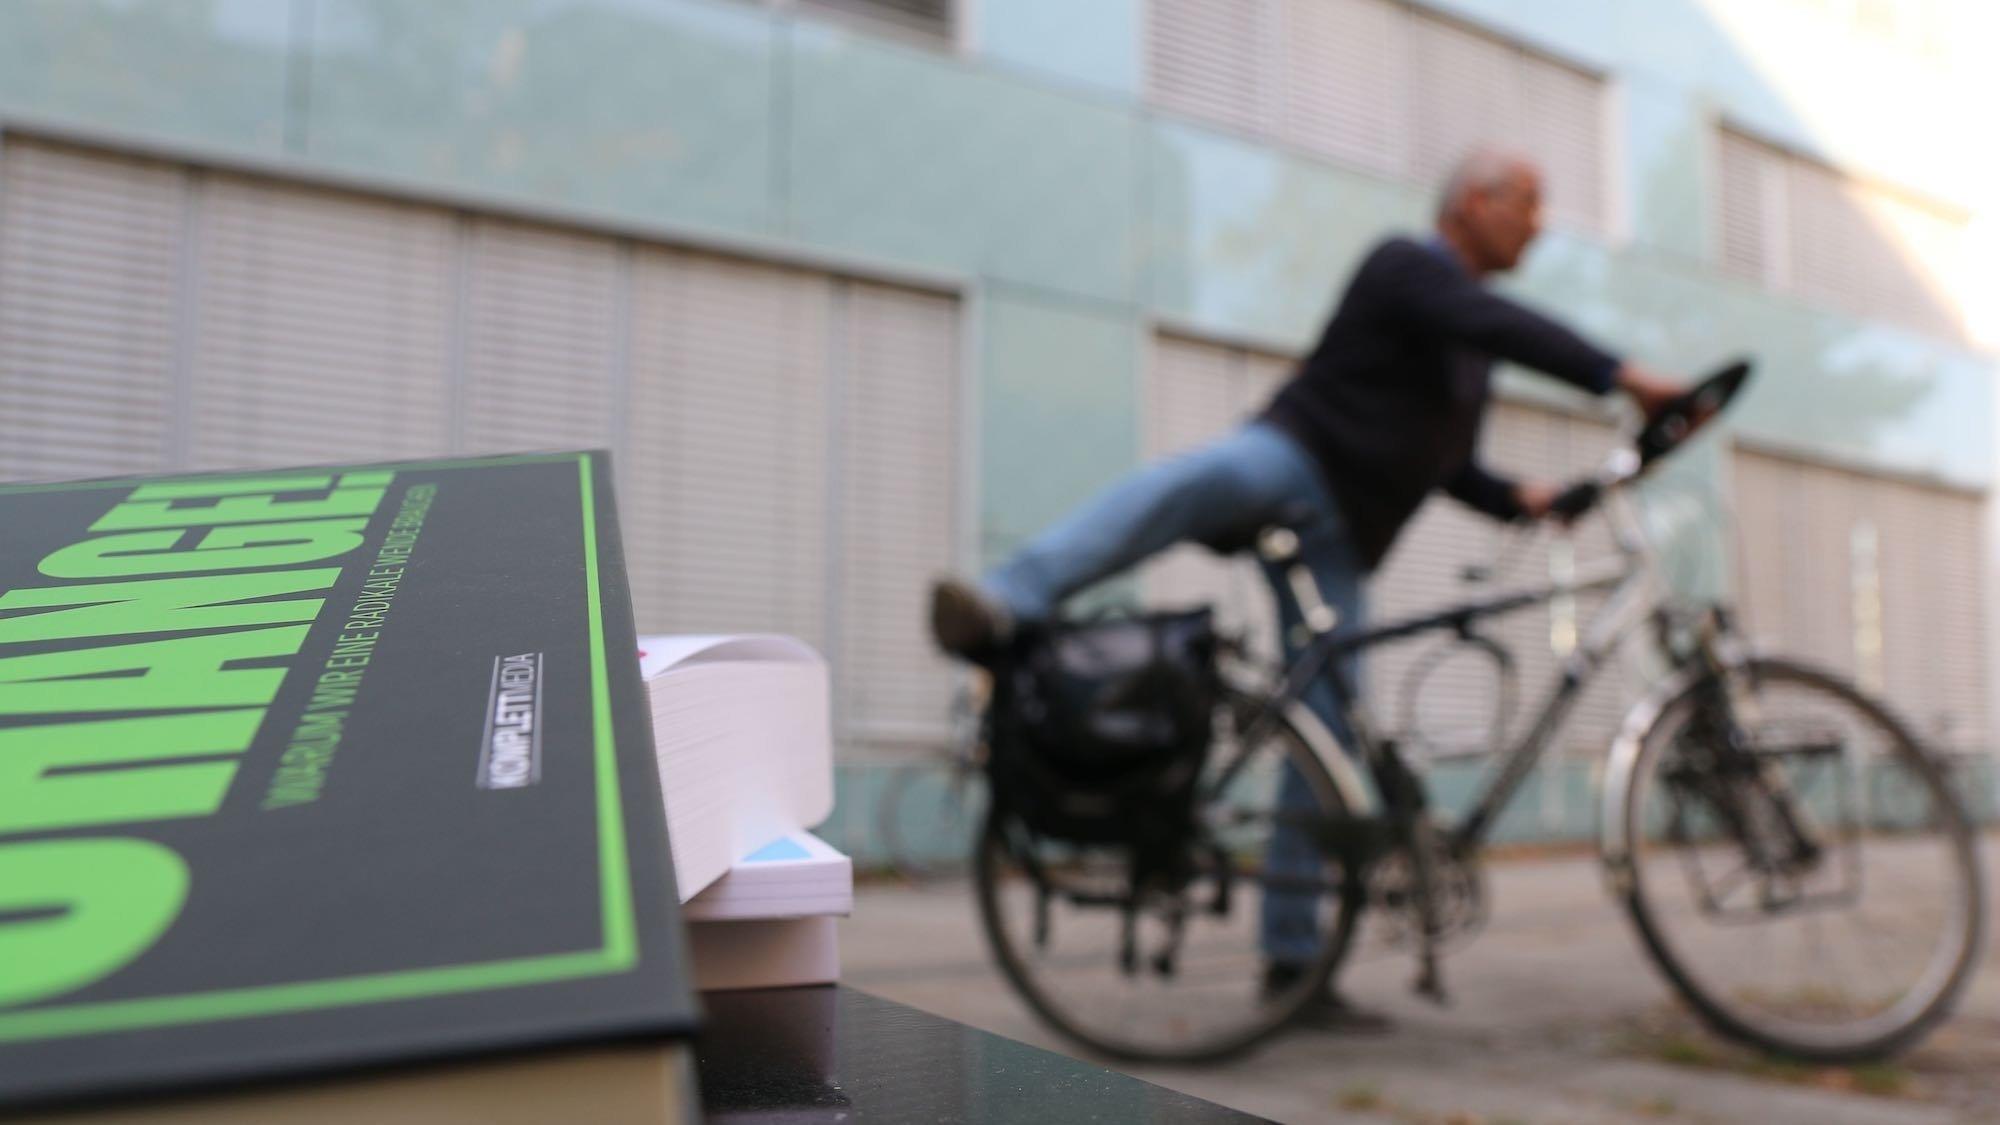 Symbolbild von Wissen zum Handeln. Im Vordergrund liegt ein Stapel Bücher über die nötige Transformation, im Hintergrund steigt ein Mann auf das Fahrrad